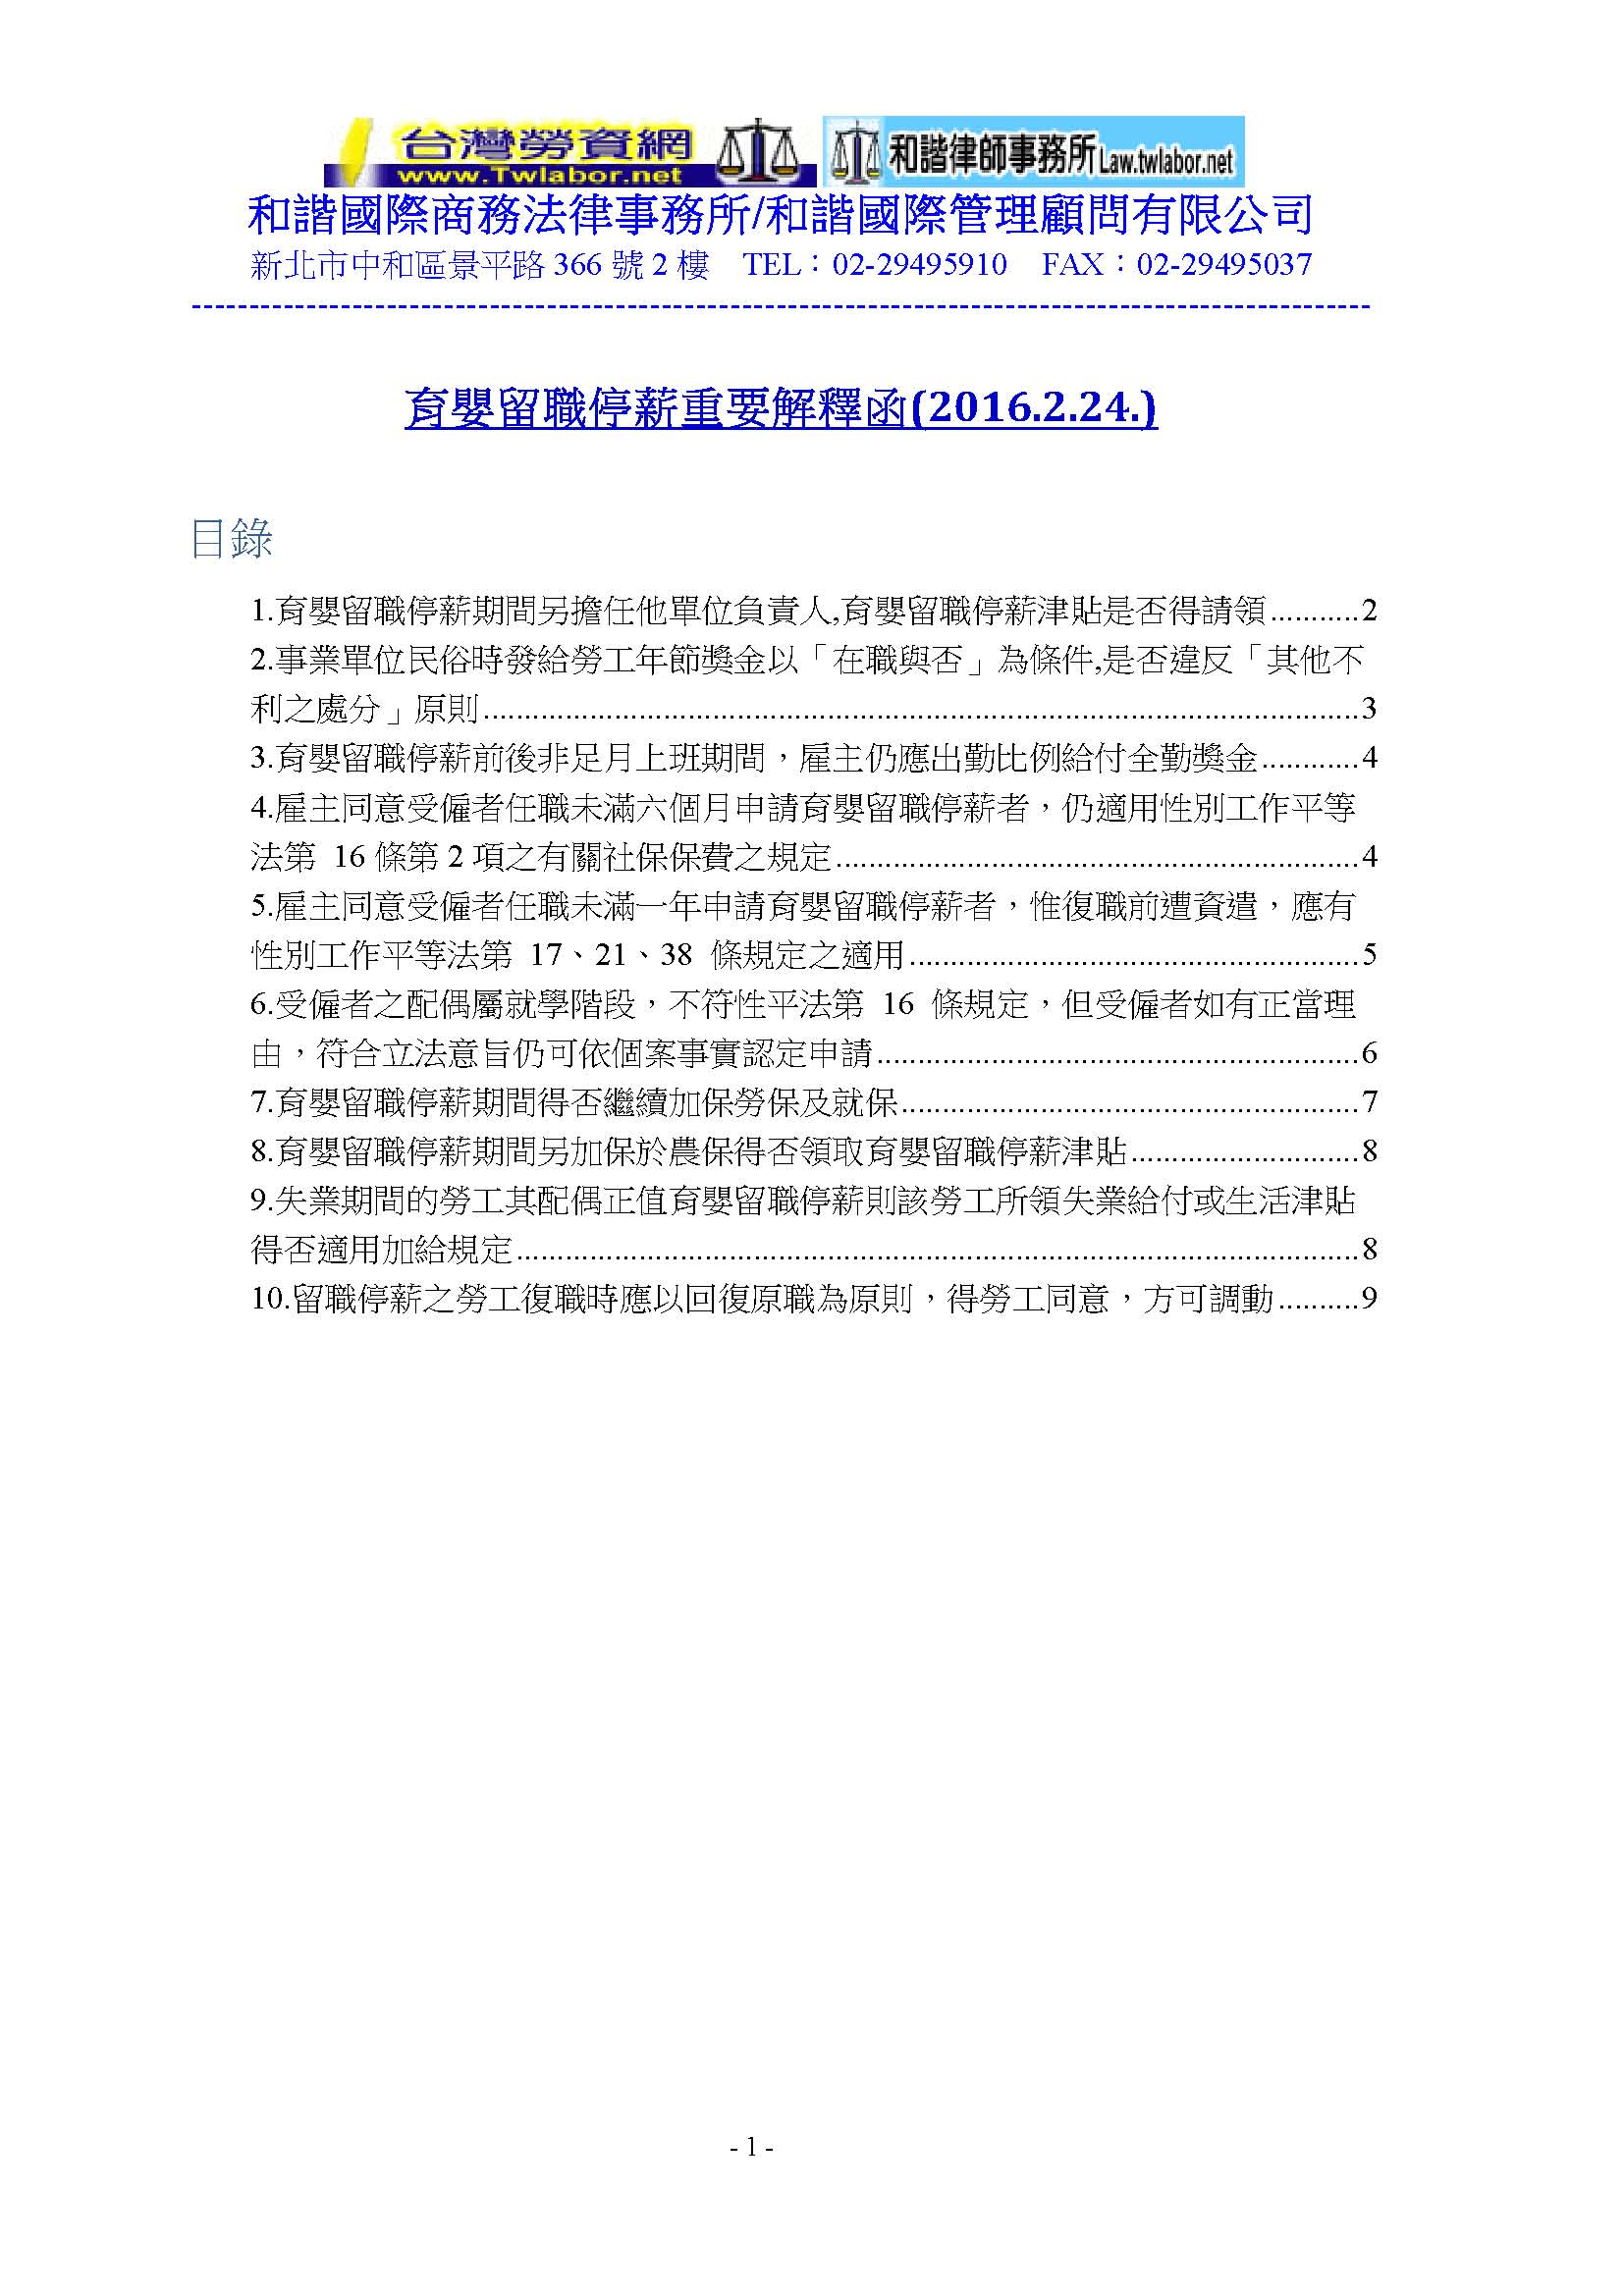 1050225育嬰留職相關解釋函_頁面_01